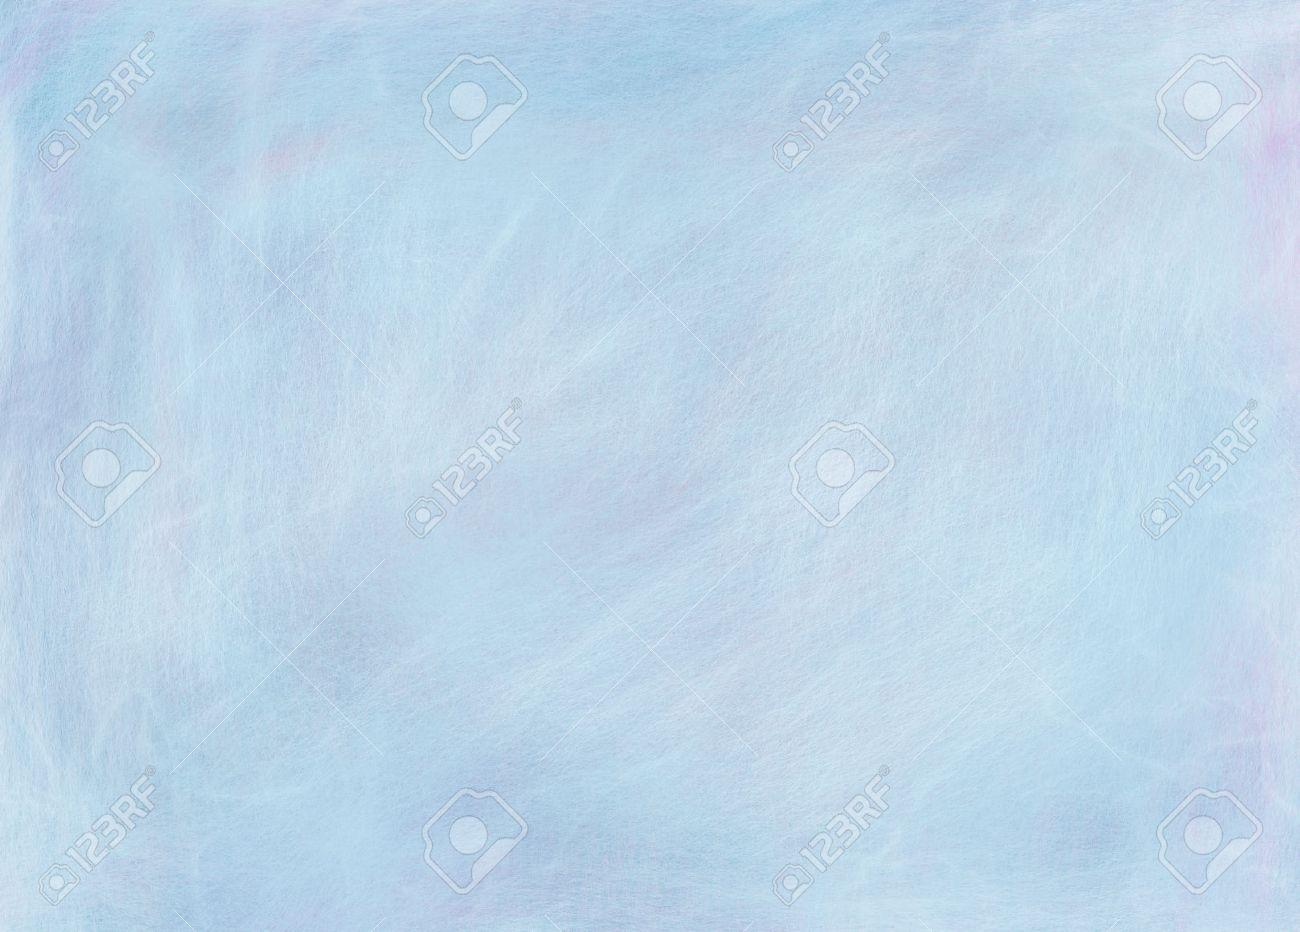 Couleur Avec Bleu Ciel fond de papier bleu ciel en poudre douce couleur pastel bleu, vieux fond  bleu vintage enragé avec une superposition de couleurs blanches évanouies  de